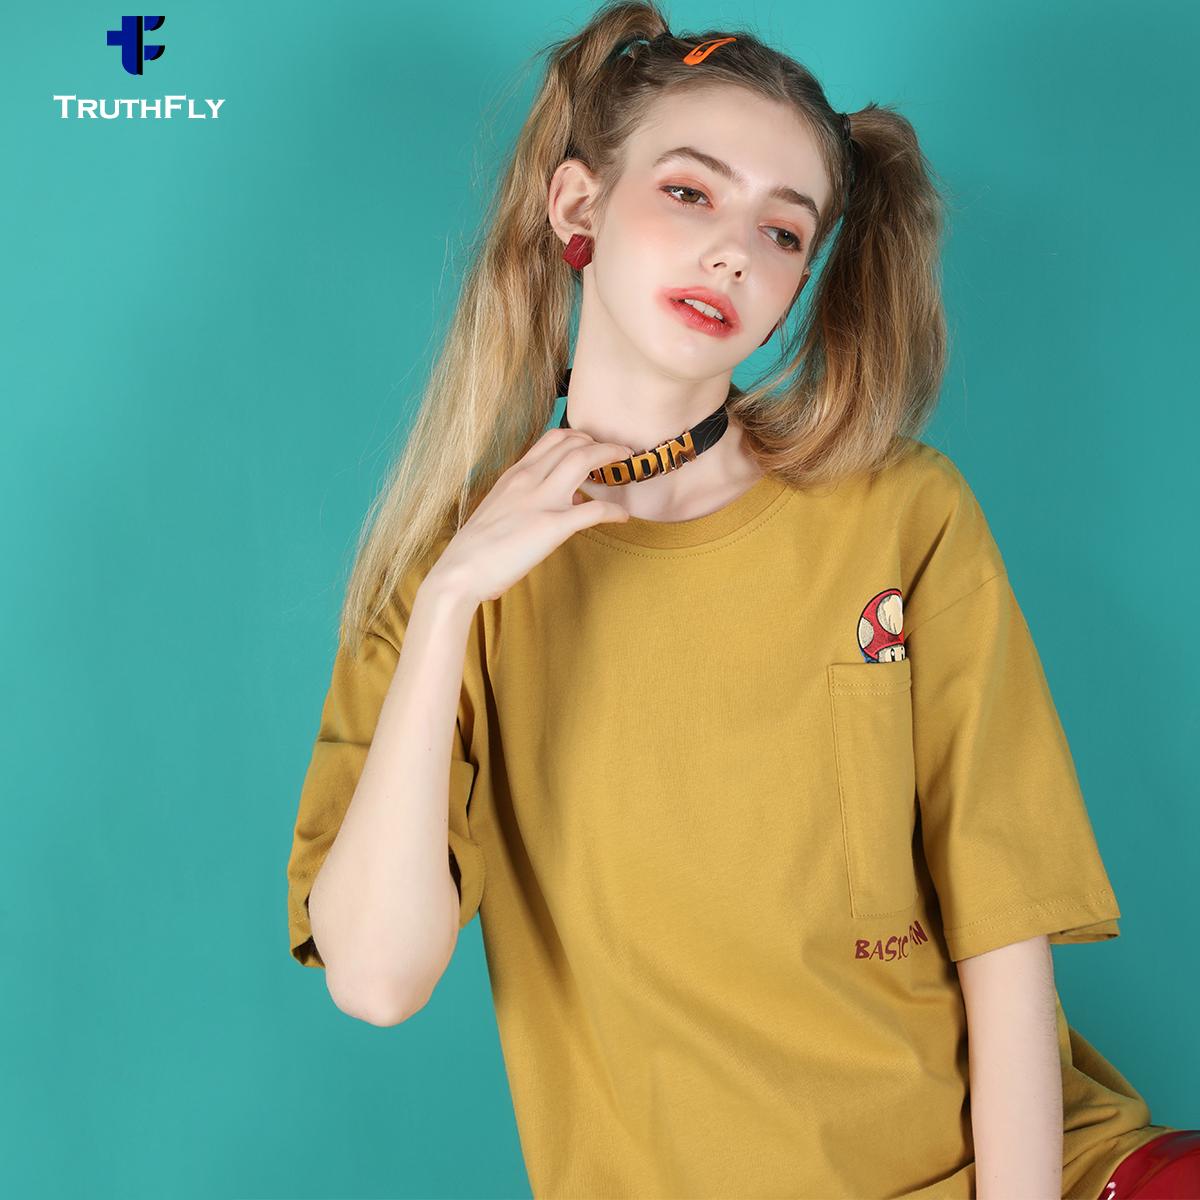 12月09日最新优惠t恤女宽松潮牌日系体恤纯色OVERSIZE口袋欧美学生工装上衣短袖夏